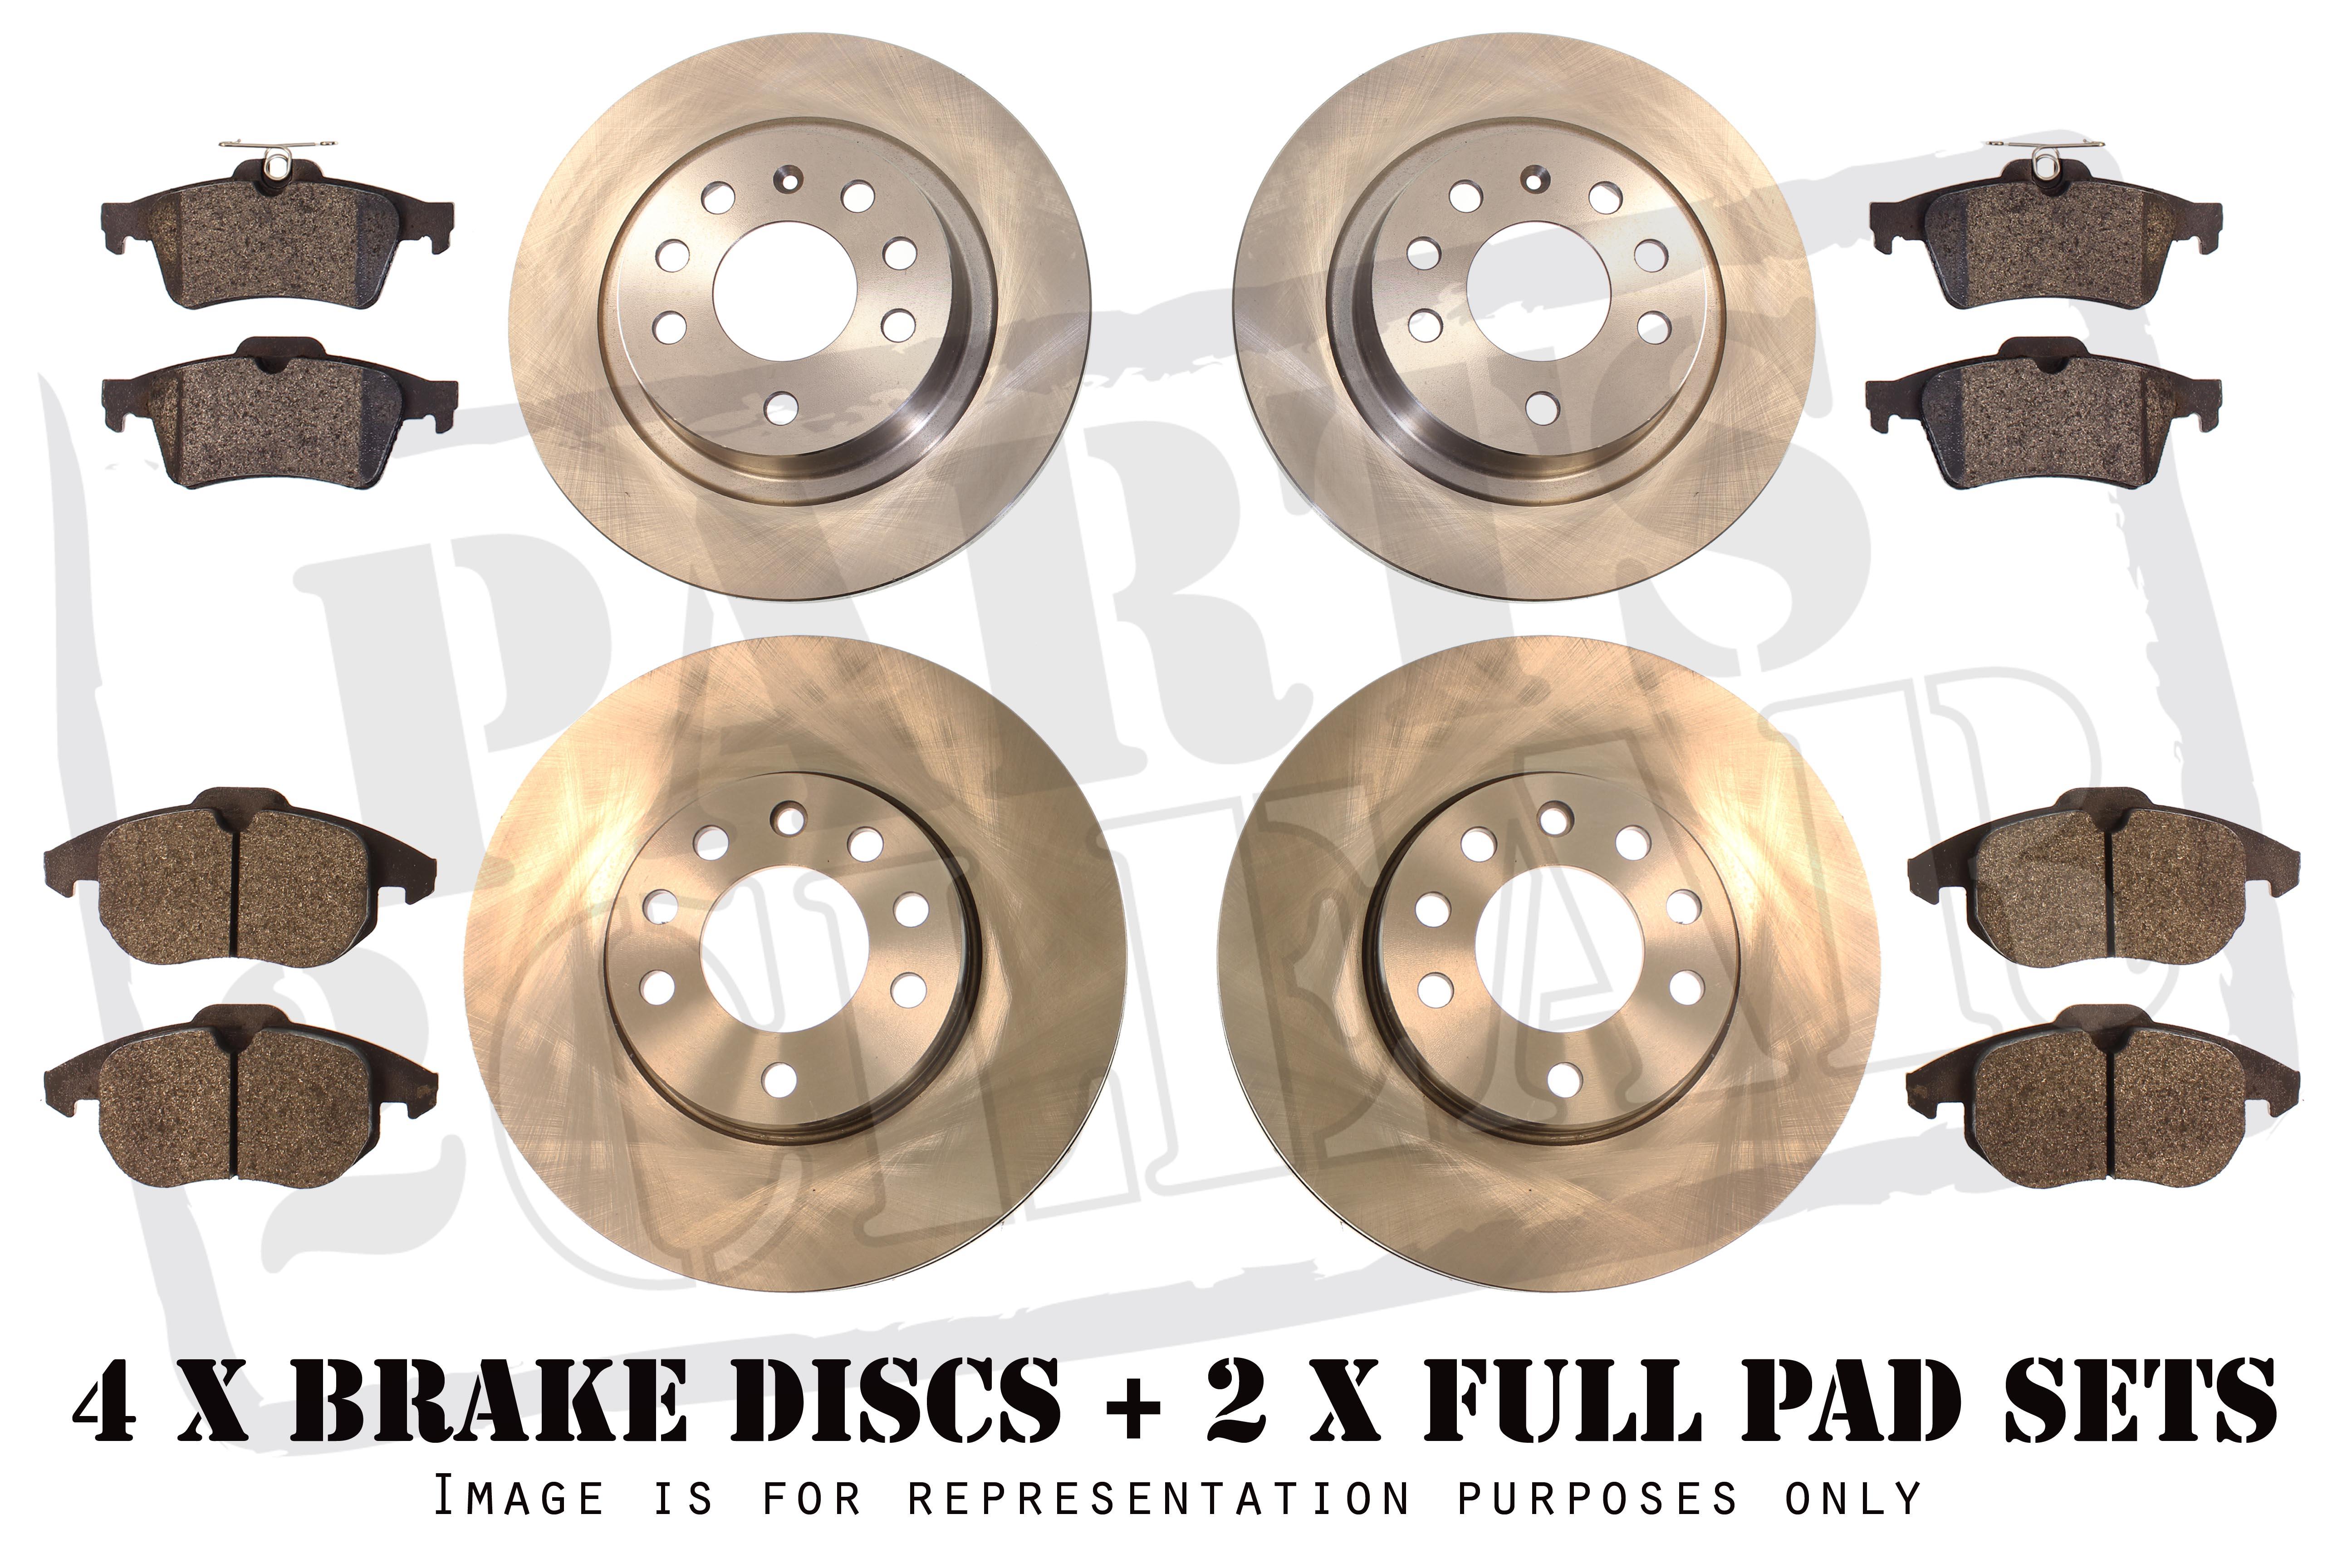 LEXUS RX300 RX350 RX400 FRONT REAR BRAKE PADS & DISCS 3 0 3 3 3 5